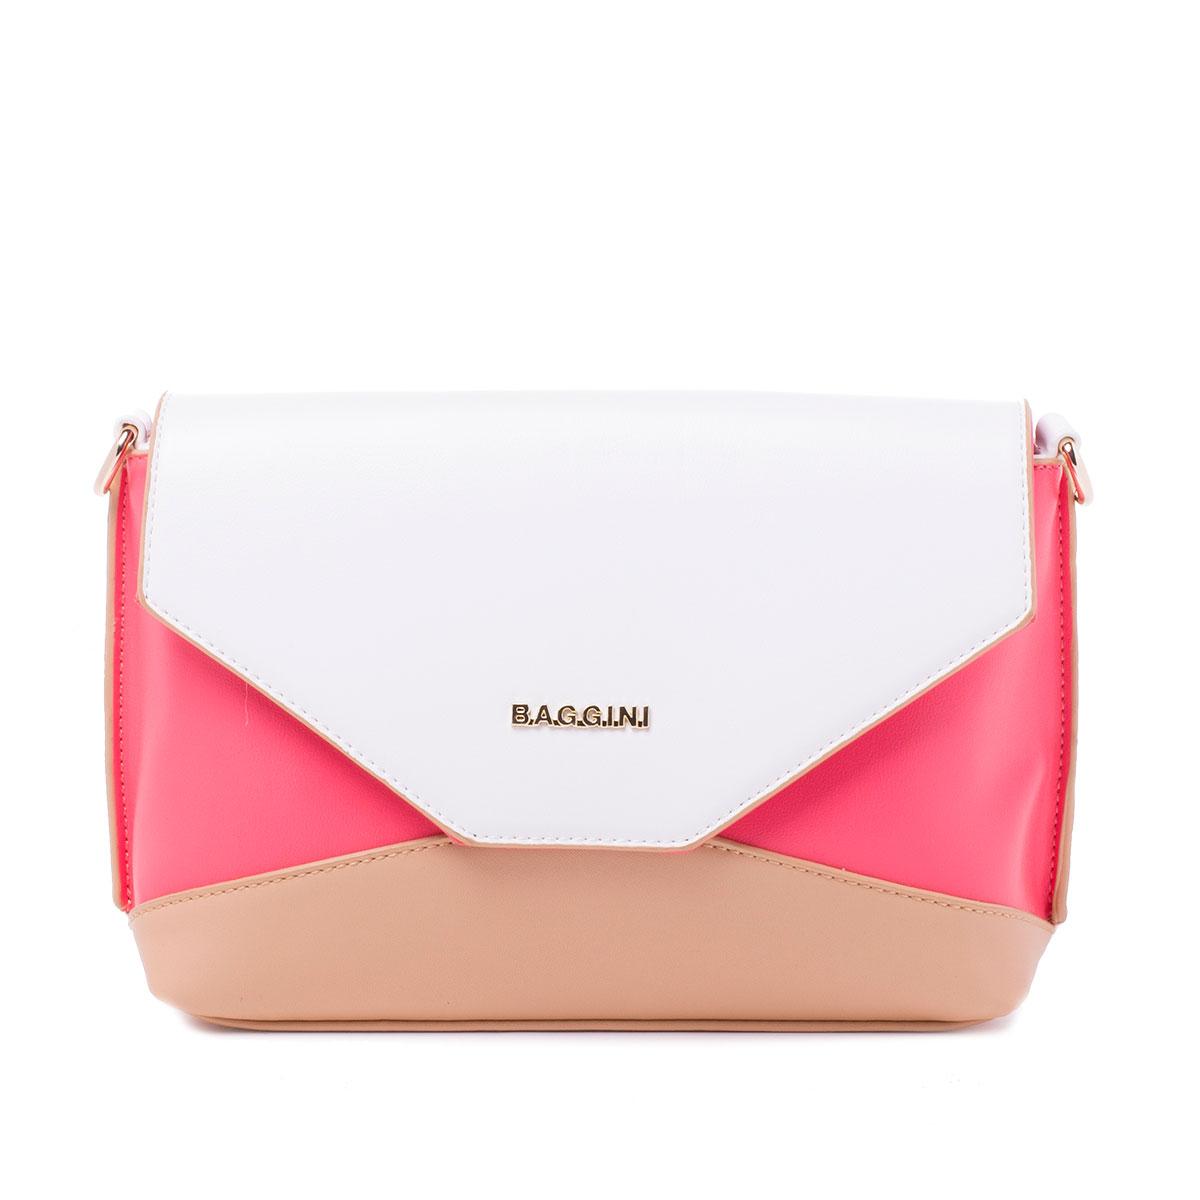 Сумка женская Baggini, цвет: розовый. 29802/6329802/63Сумка жен., иск. кожа